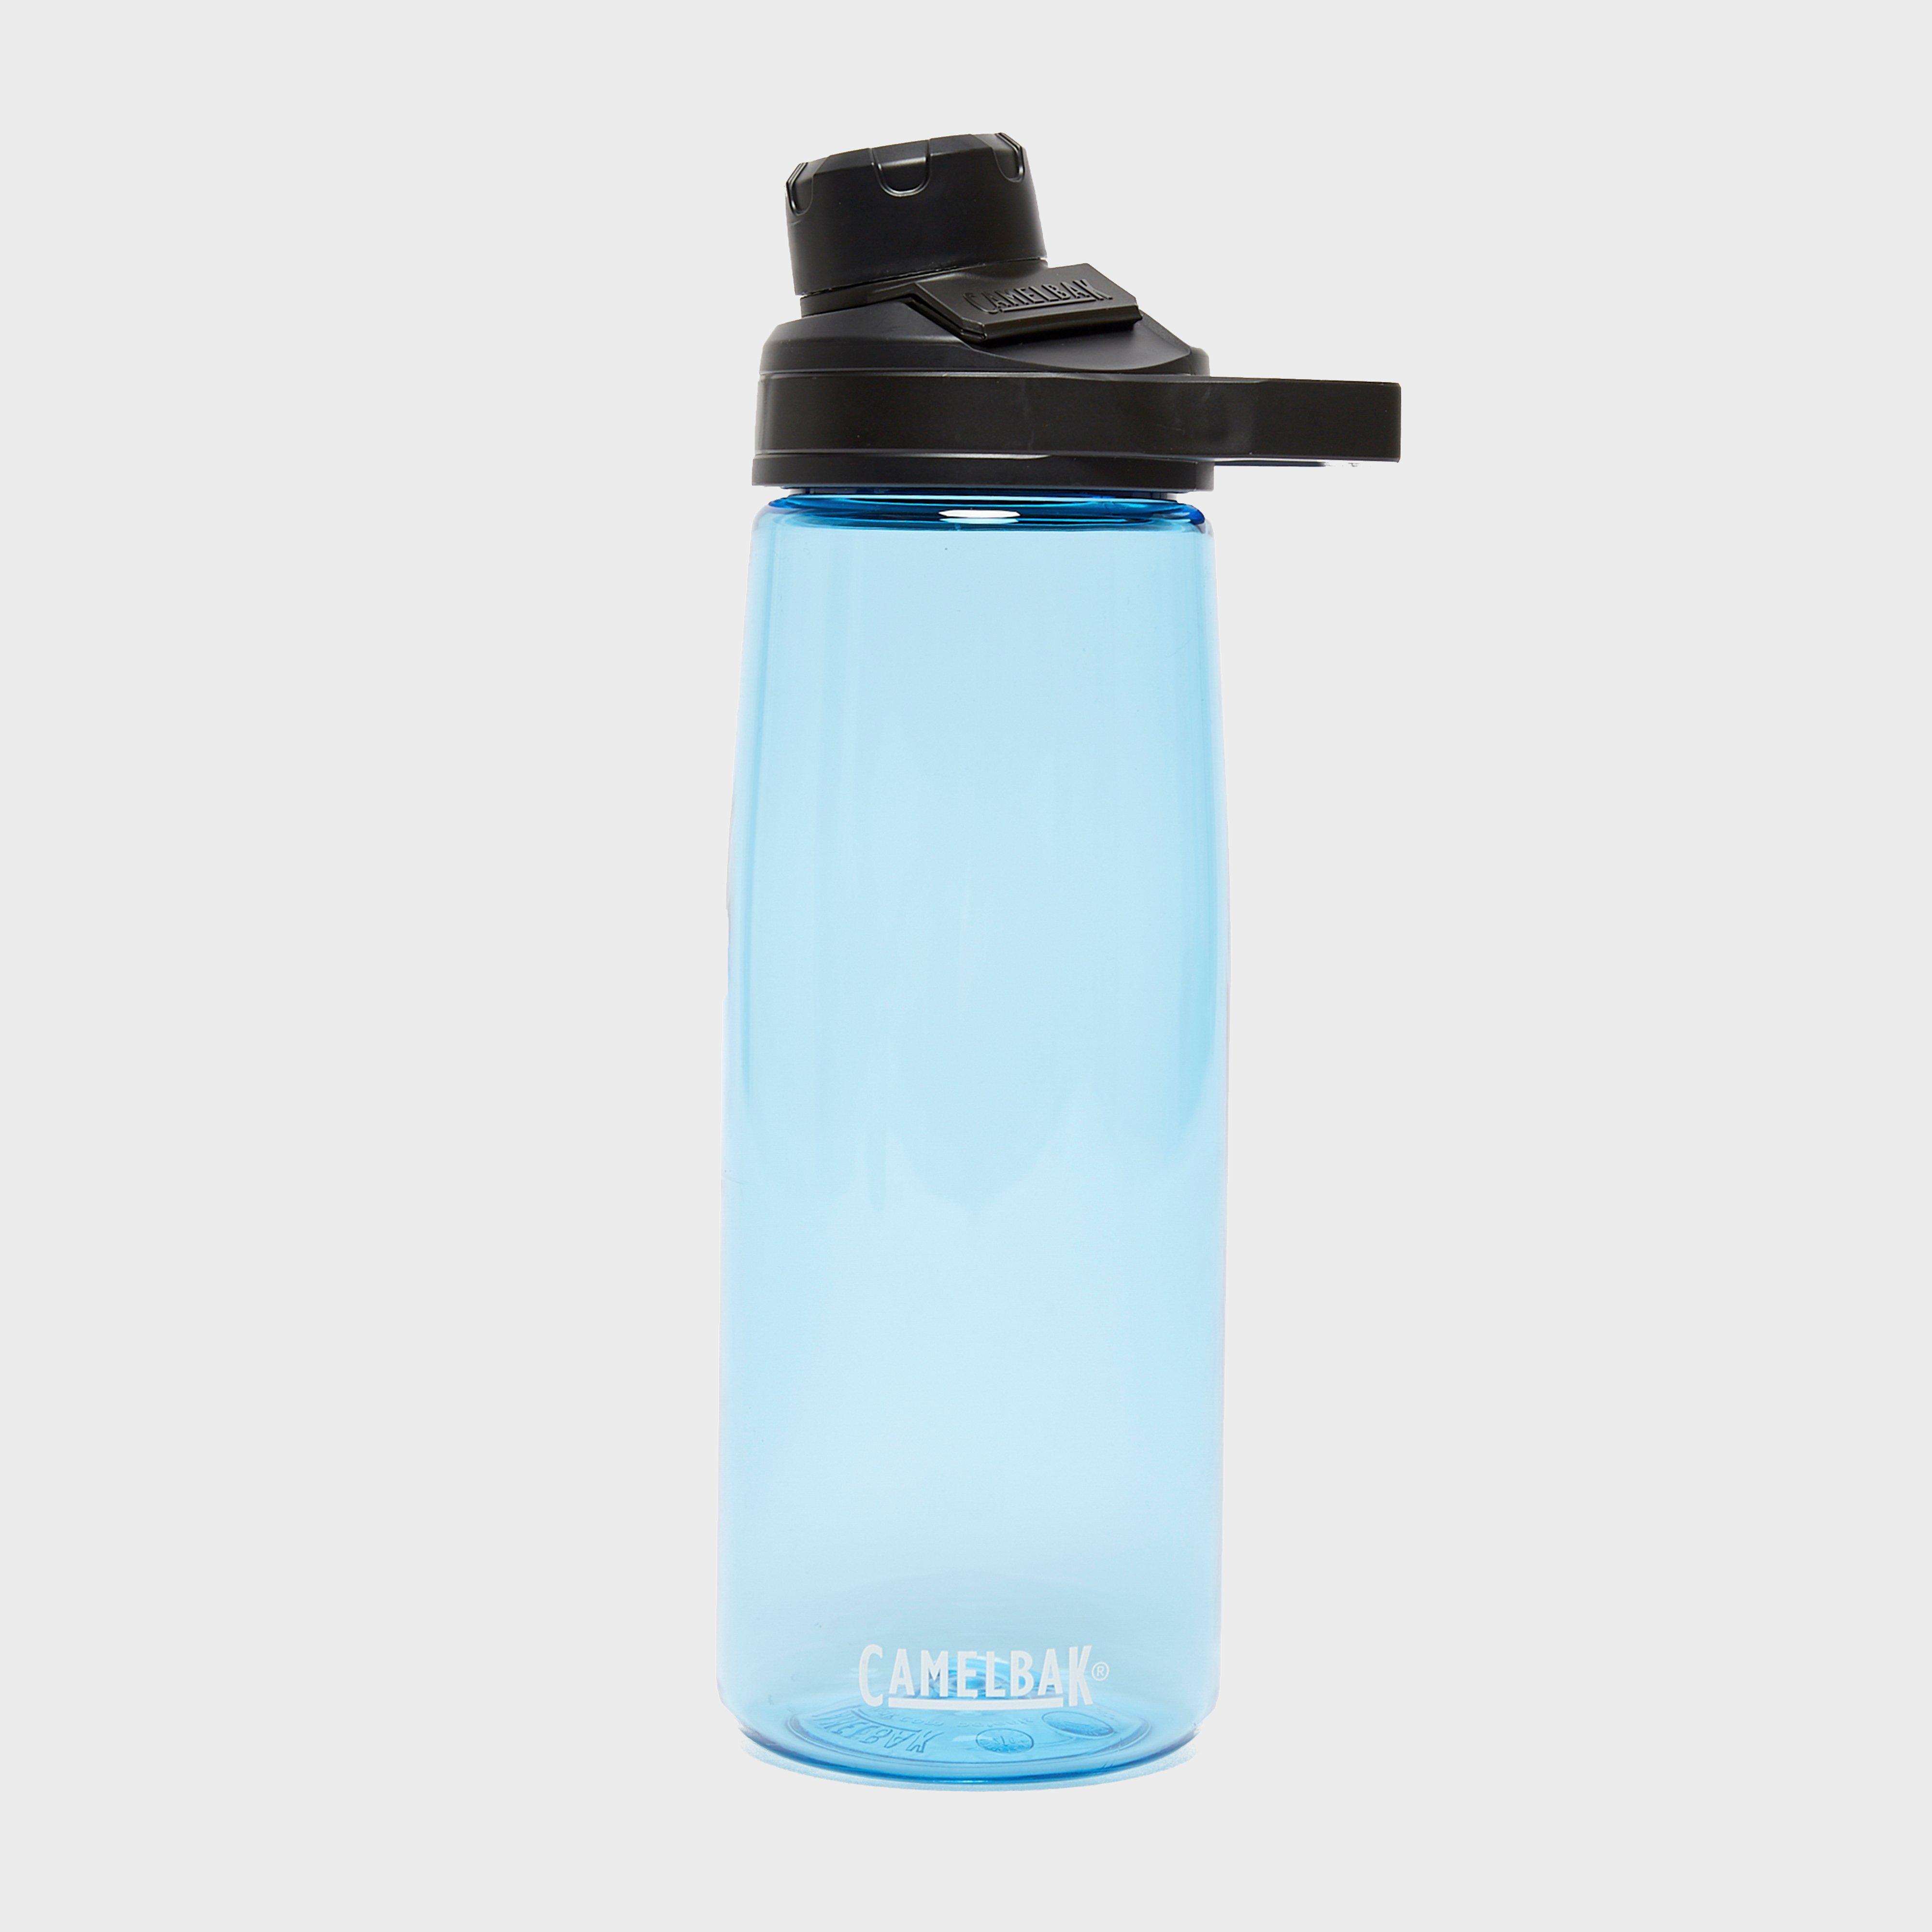 Camelbak Chute Mag 750ml Water Bottle, Blue/MBL